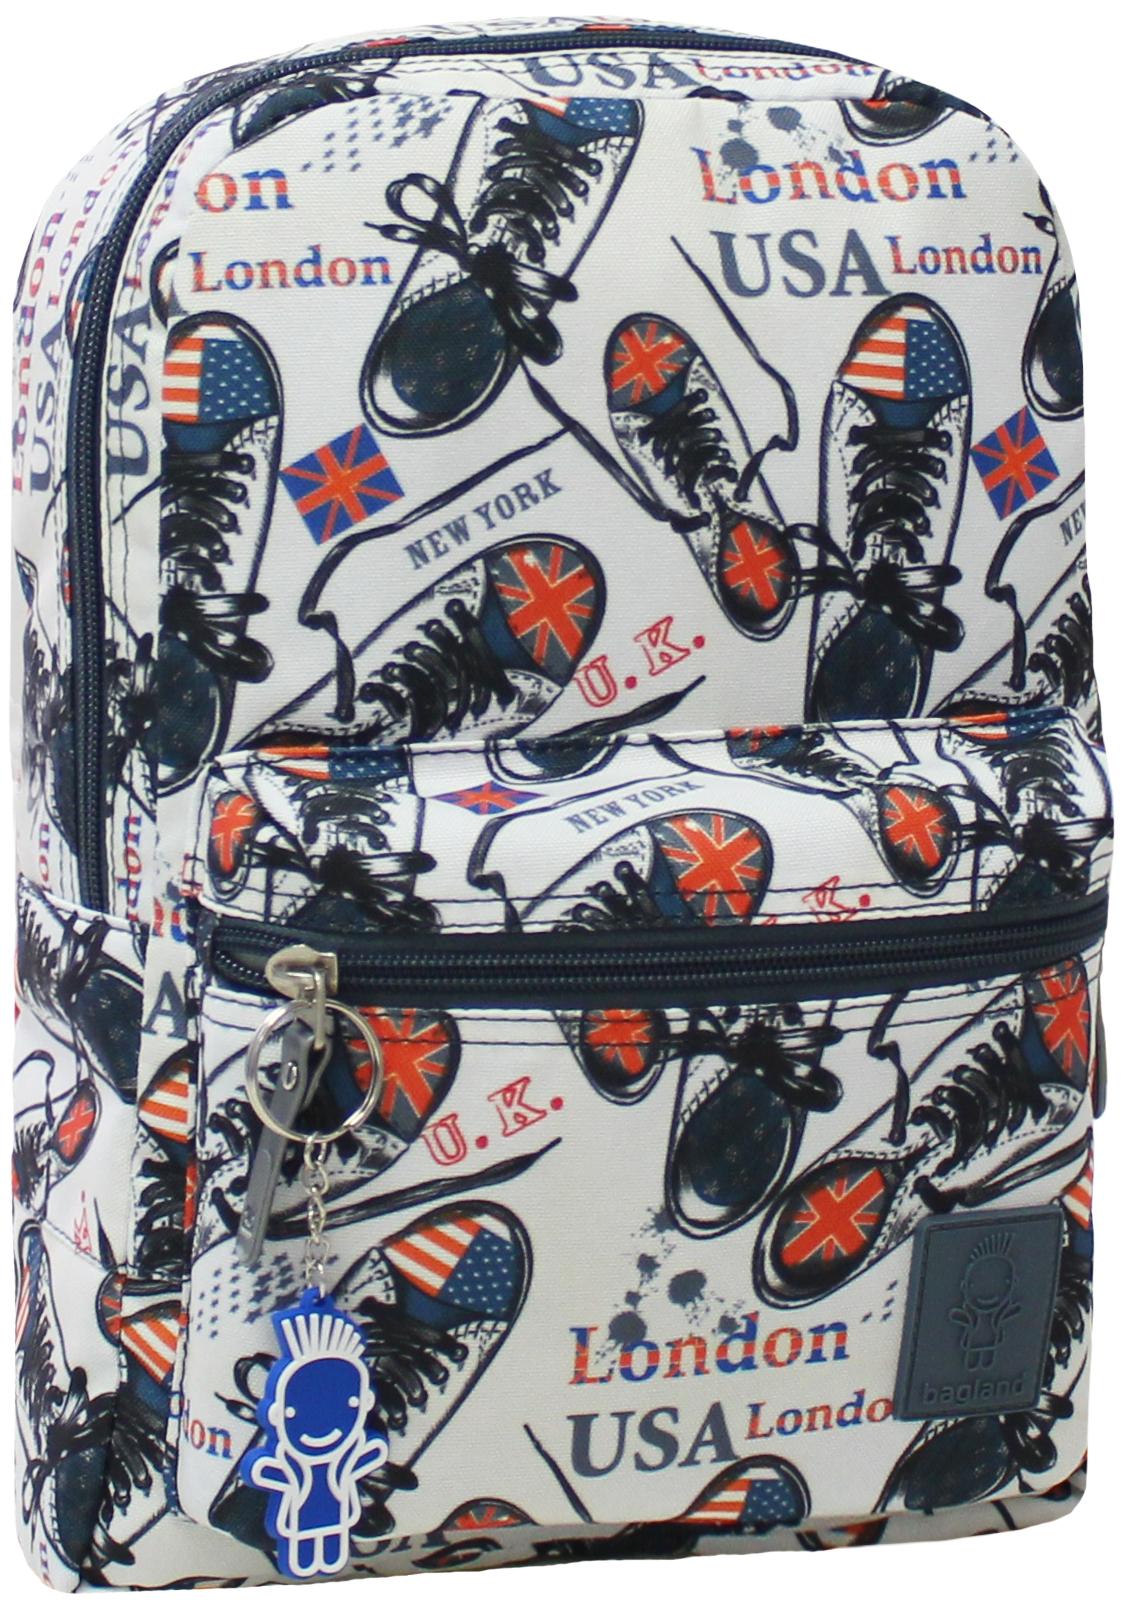 Детские рюкзаки Рюкзак Bagland Молодежный mini 8 л. сублимация (кеды) (00508664) IMG_6114.JPG